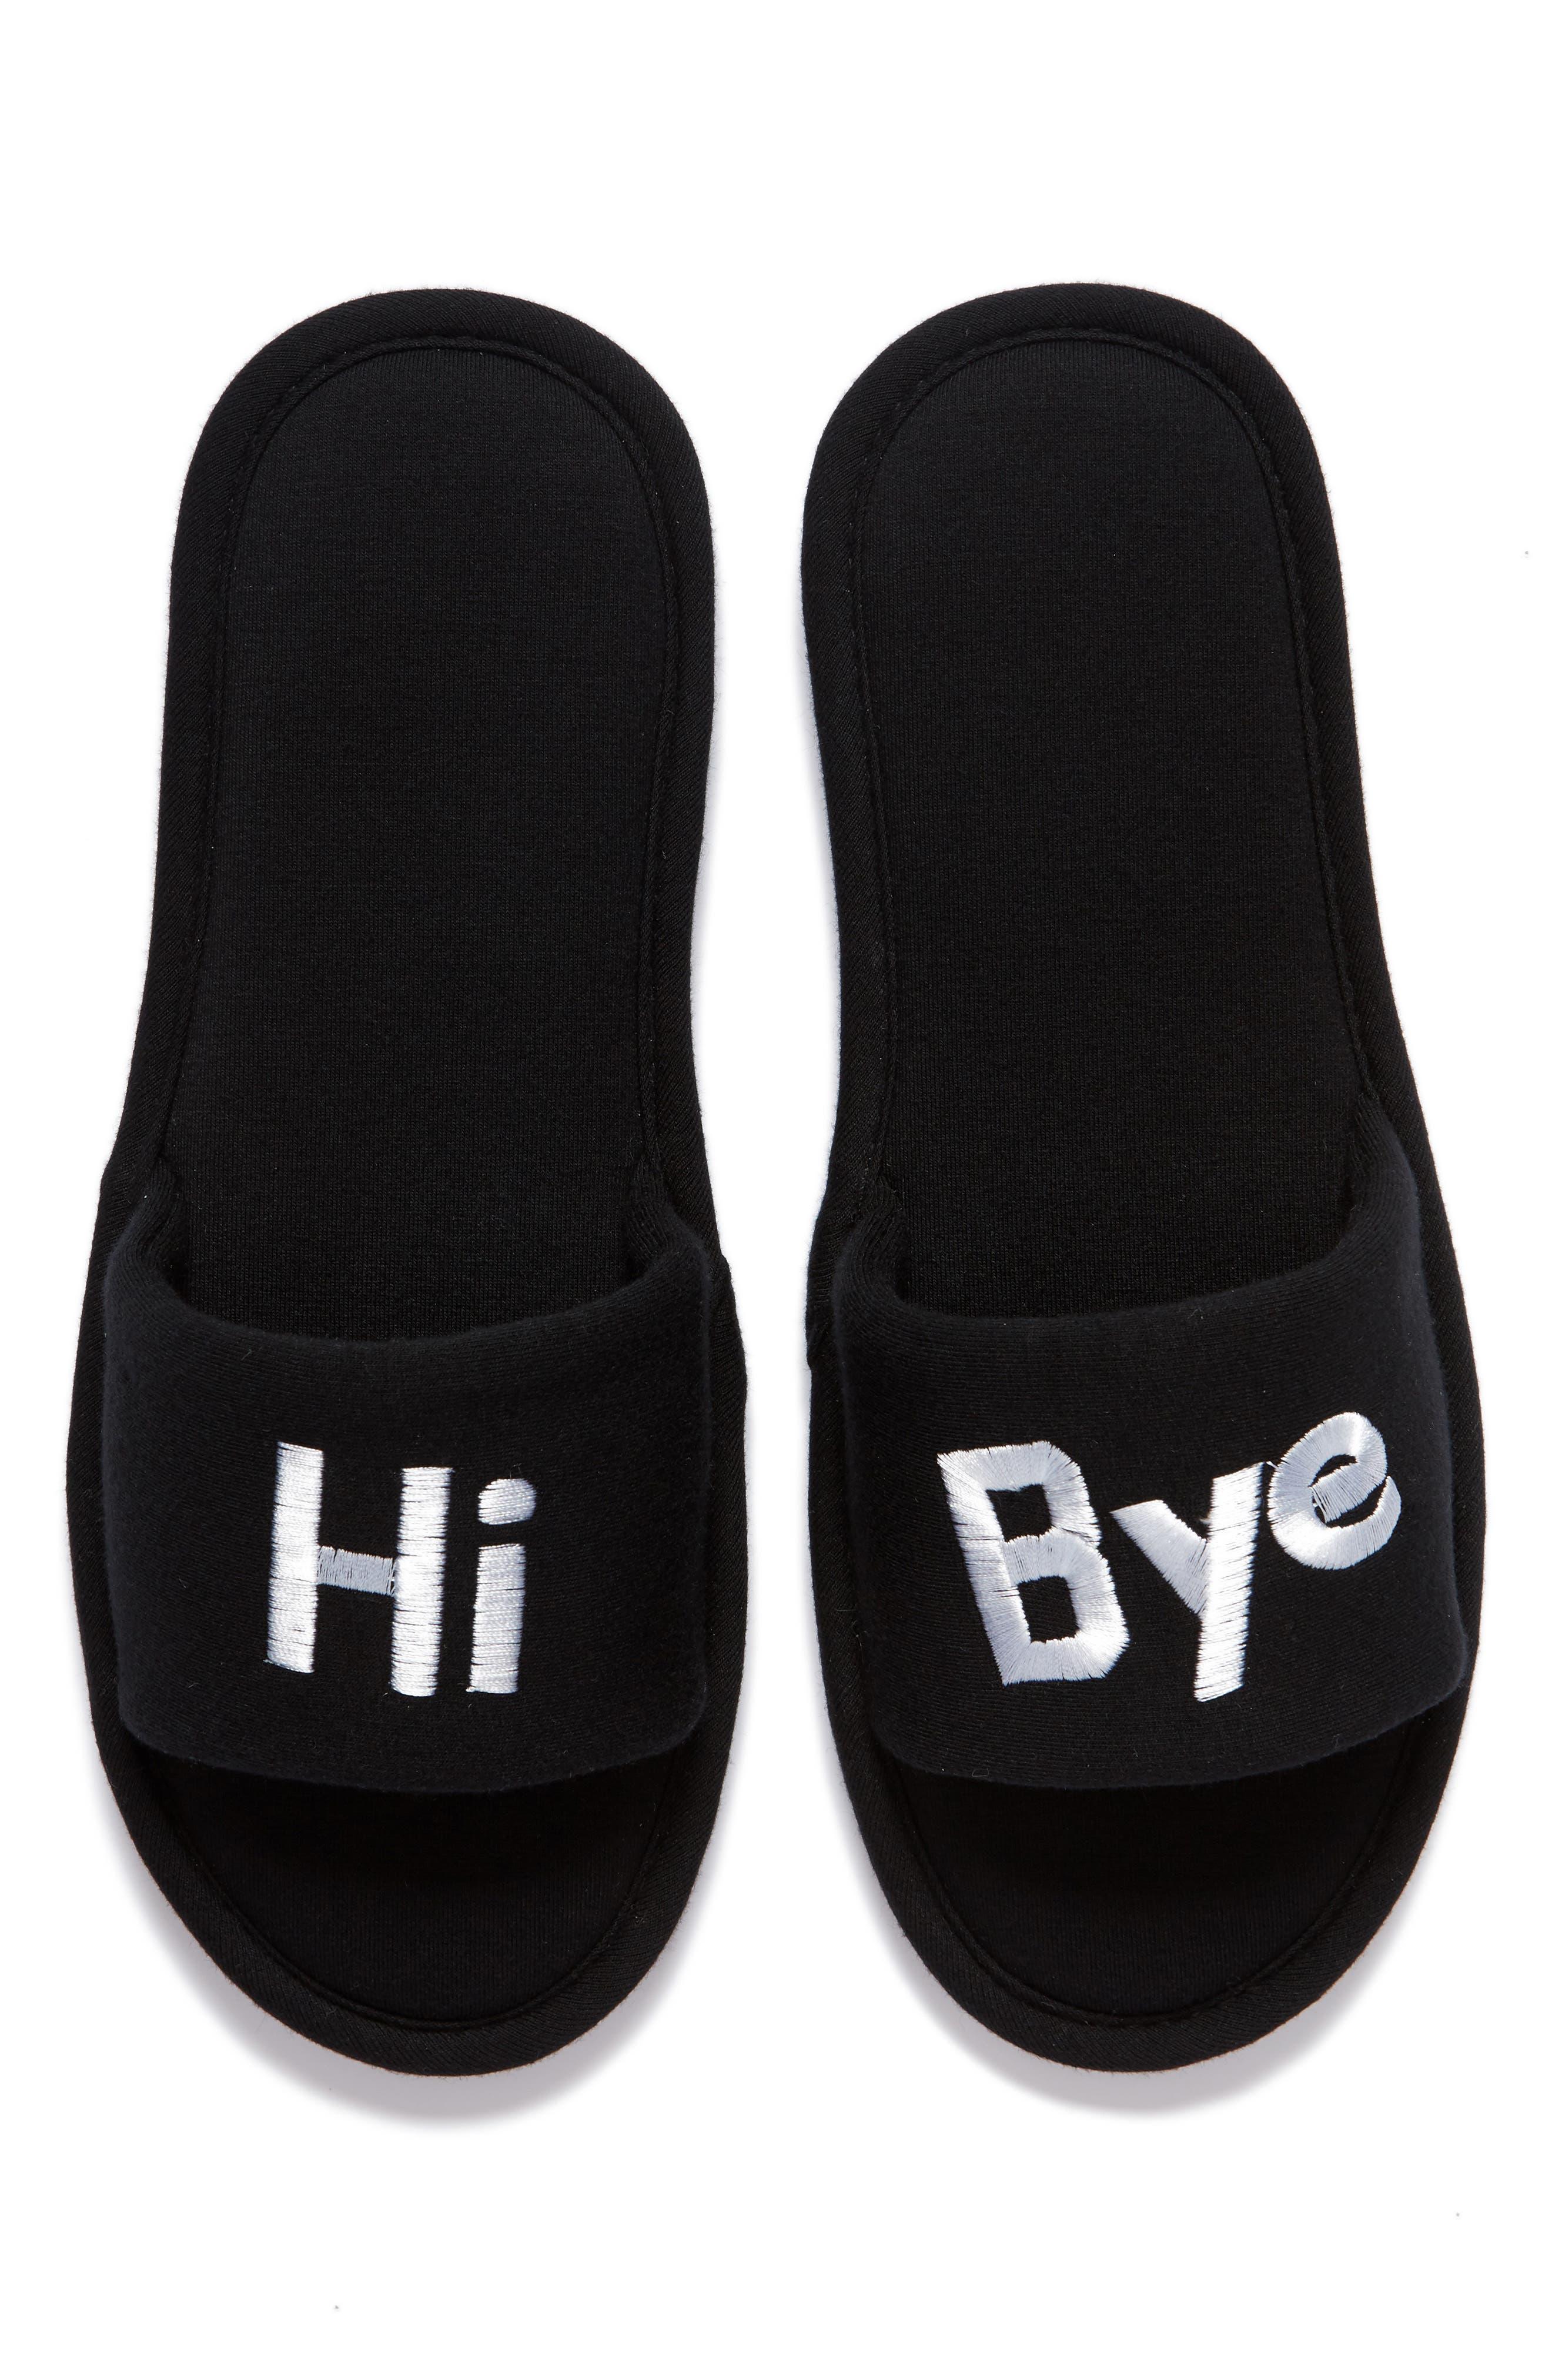 Hi & Bye Slide Slippers,                             Alternate thumbnail 5, color,                             001